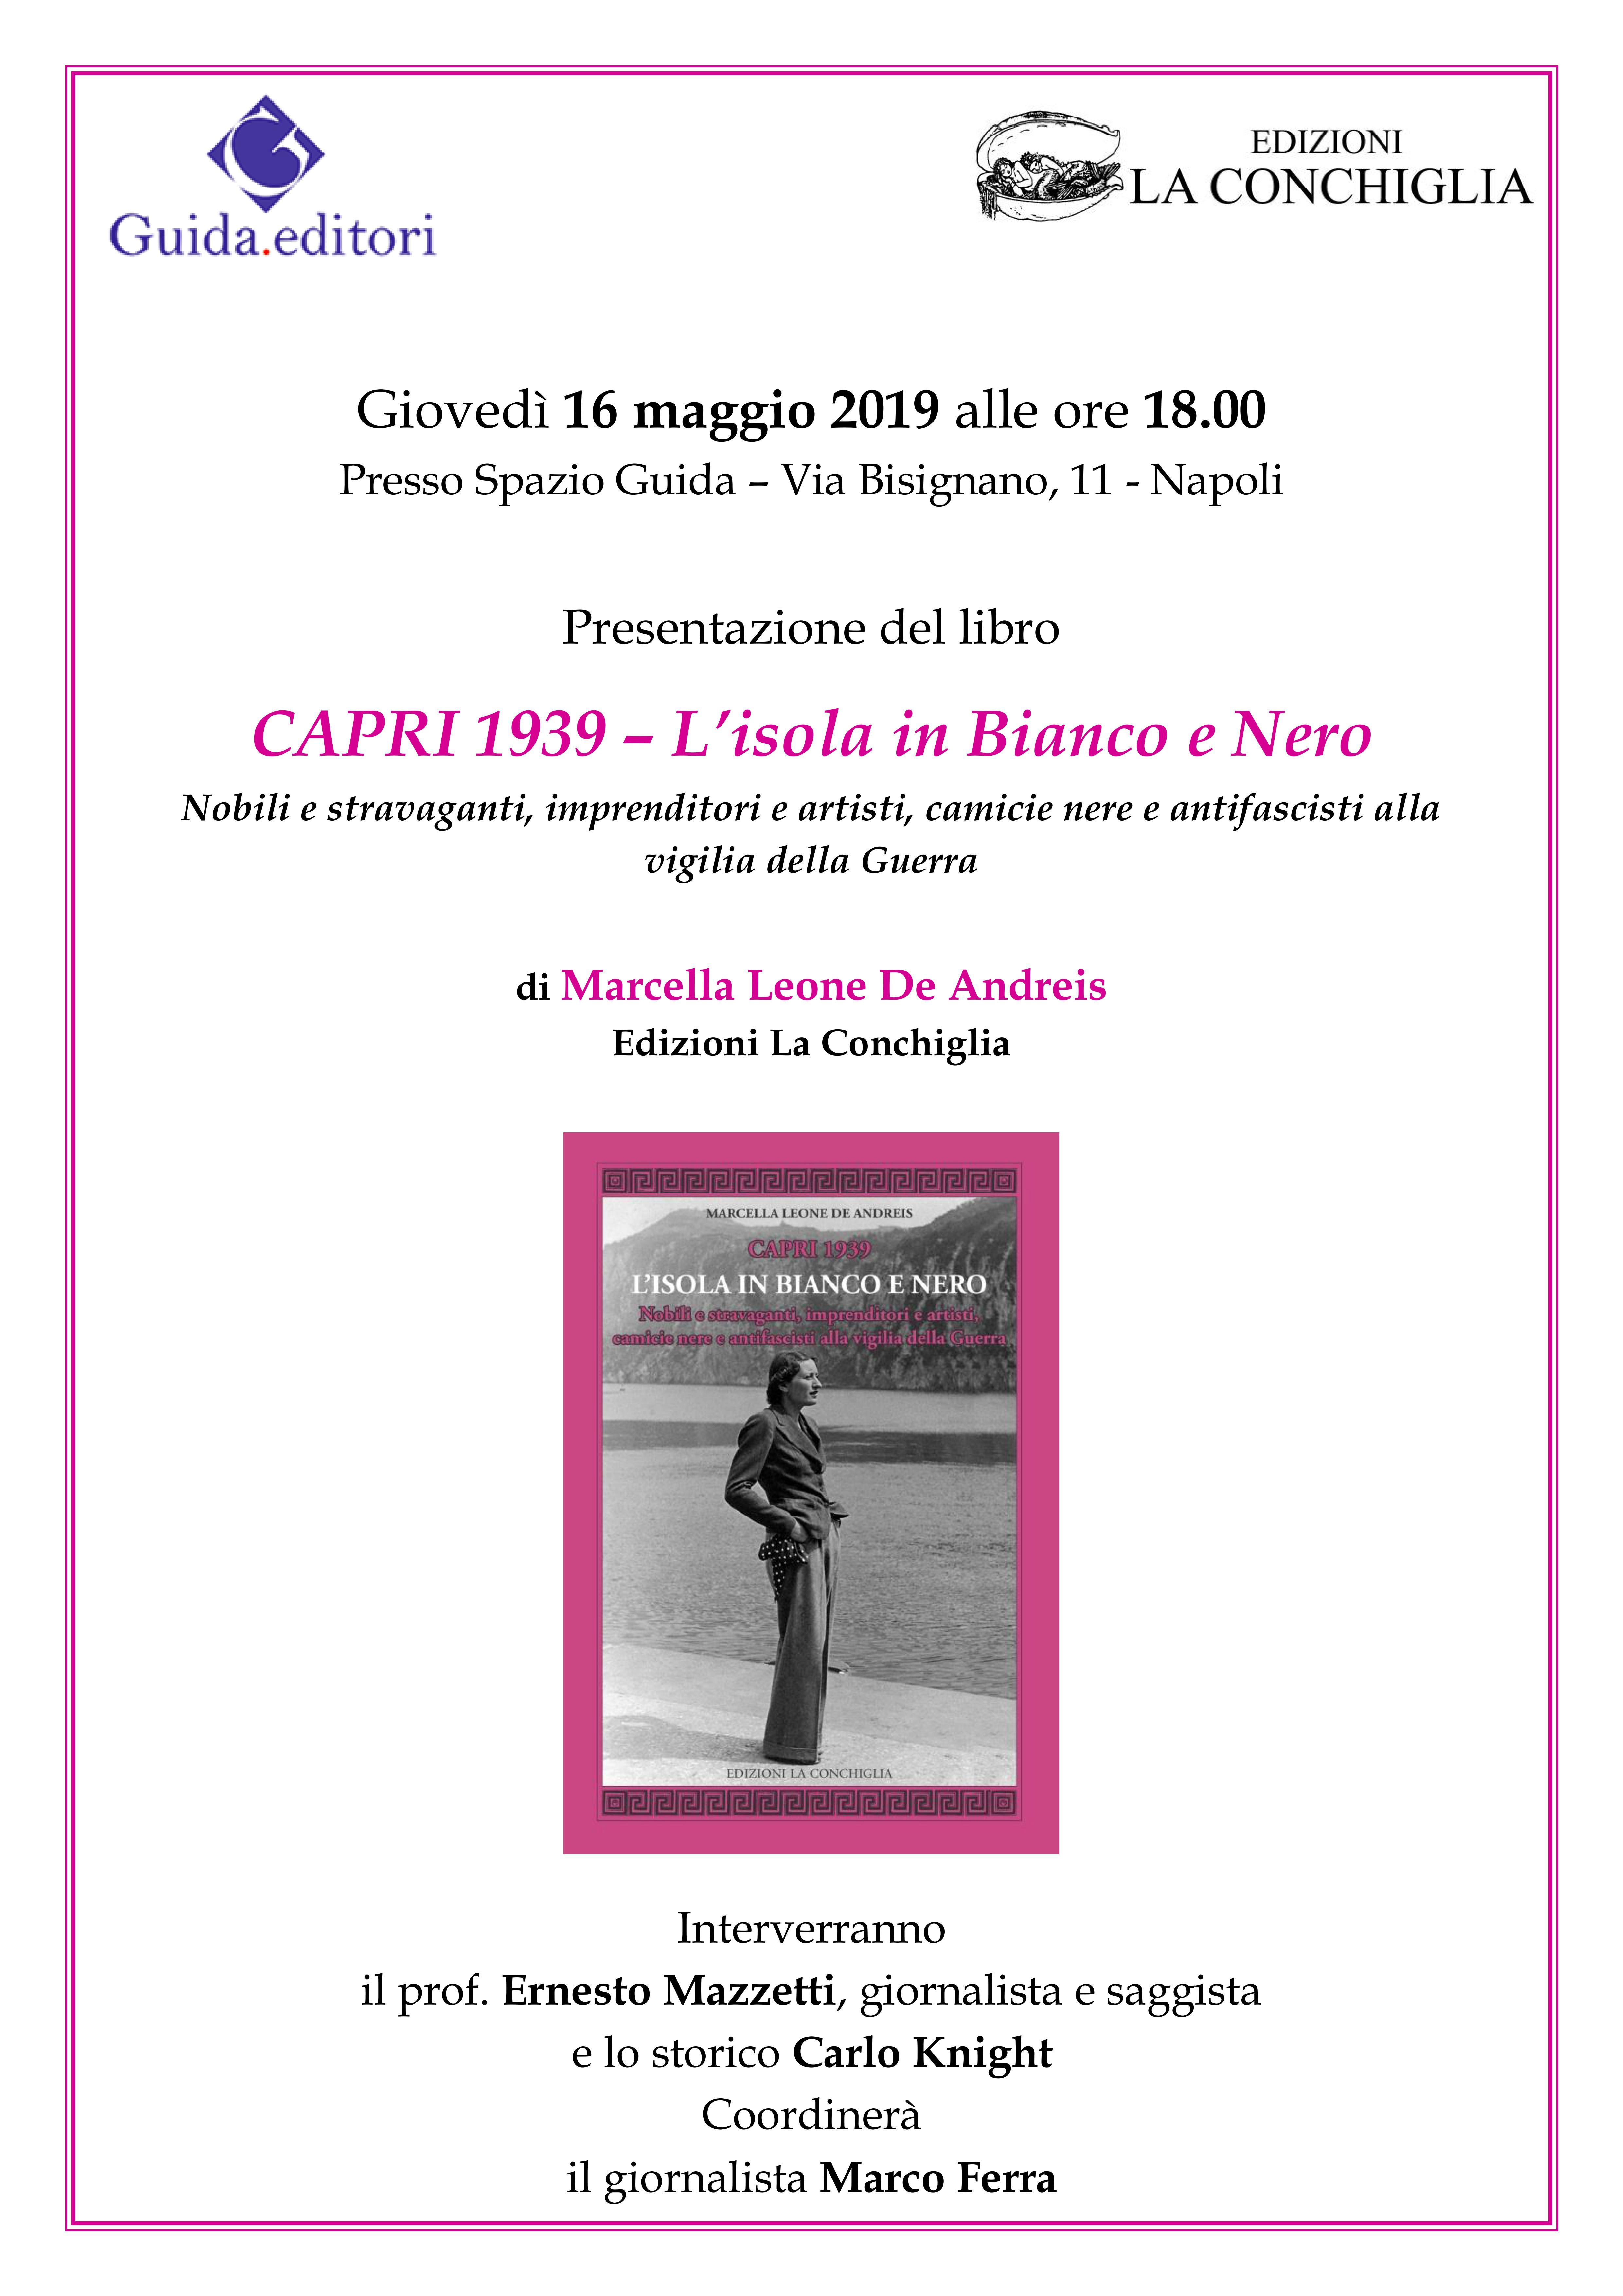 """Presentazione """"Capri 1939 - L'isola in bianco e nero"""" di Marcella Leone De Andreis, Spazio Guida, Napoli"""